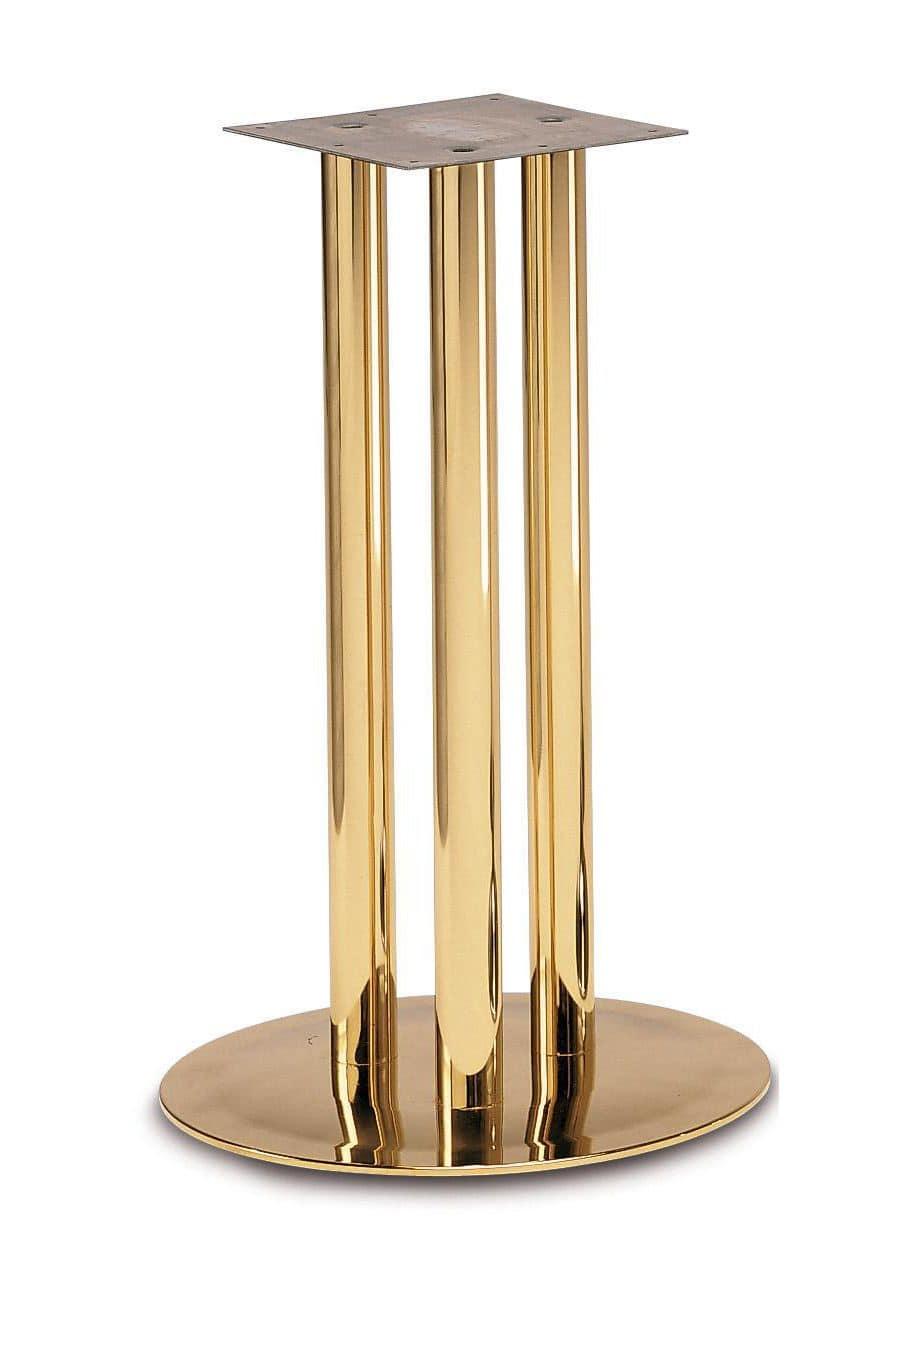 Art.500, Base tonda per tavolo, struttura a 3 tubi, per ambiente contract e domestico